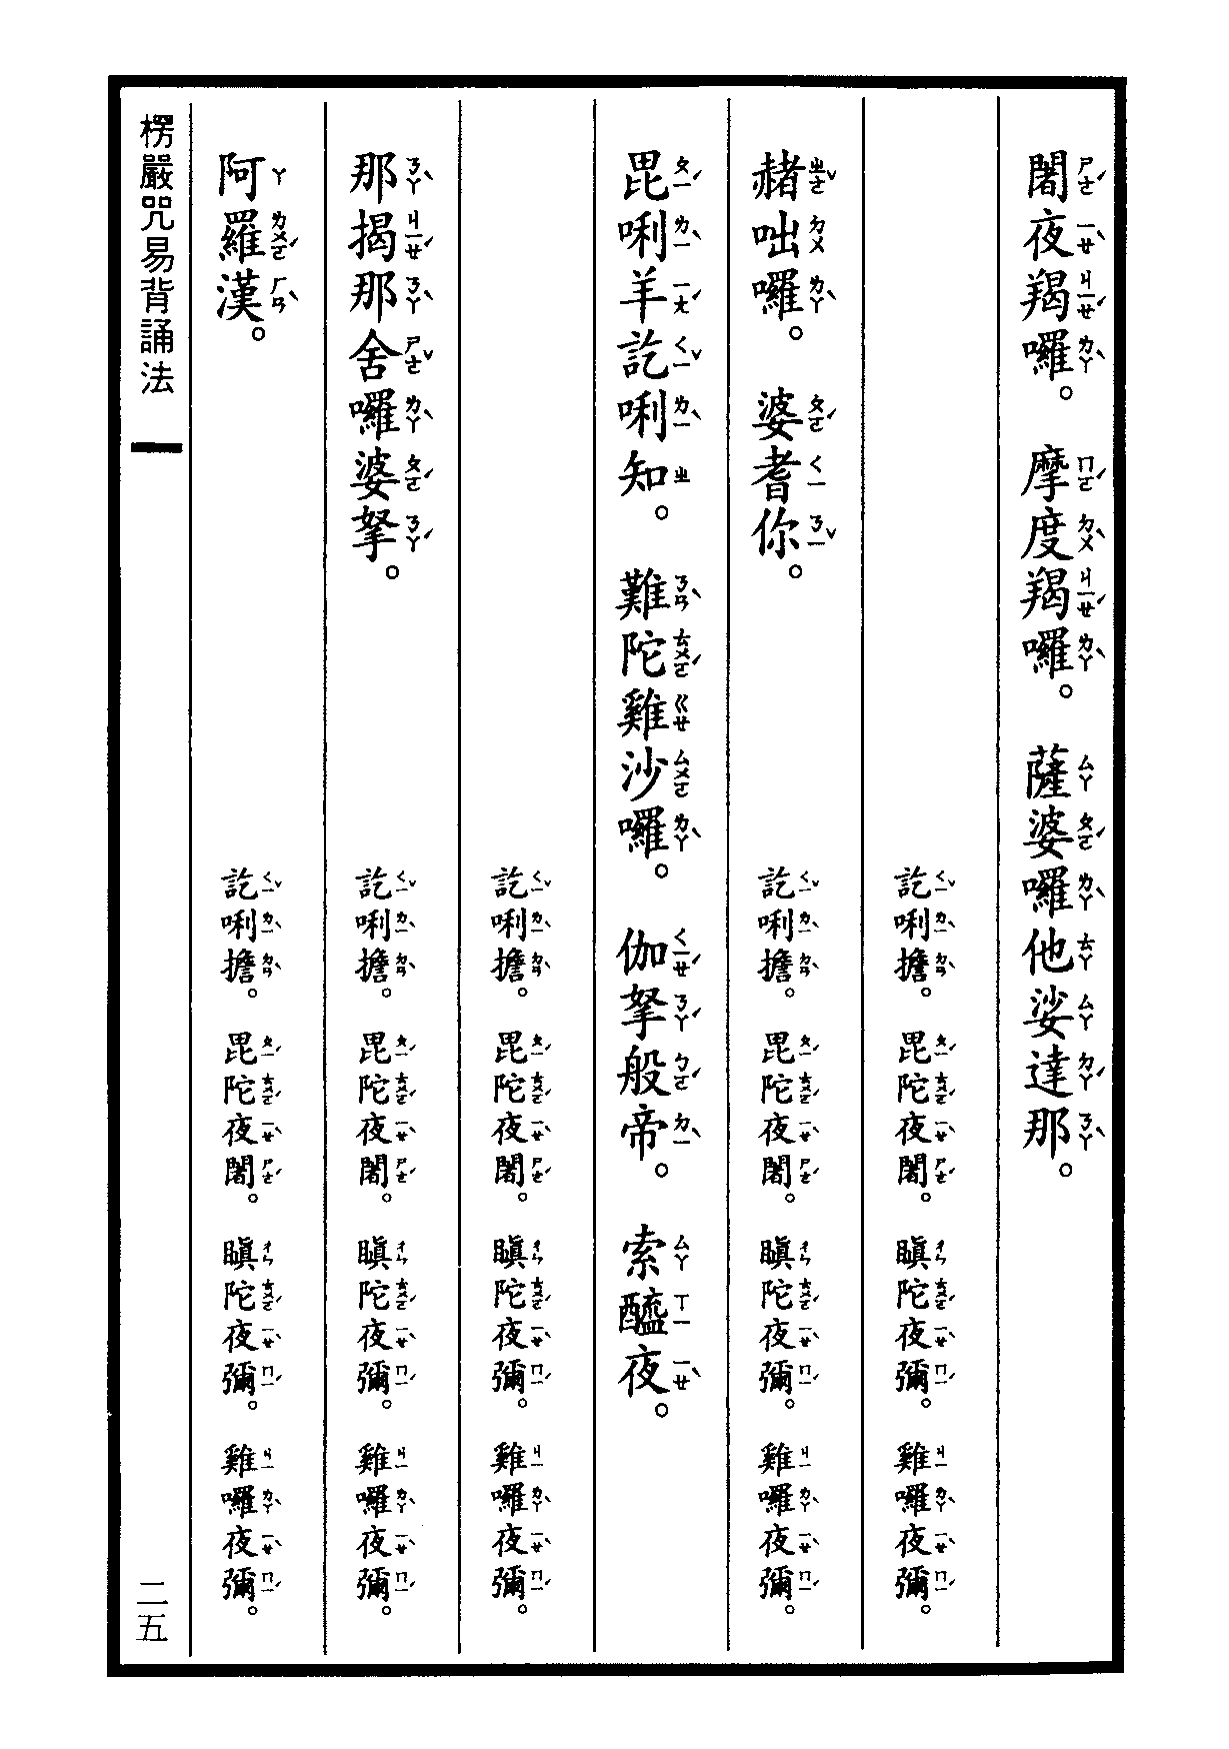 楞嚴咒-大悲咒-十小咒-易背本 31.png